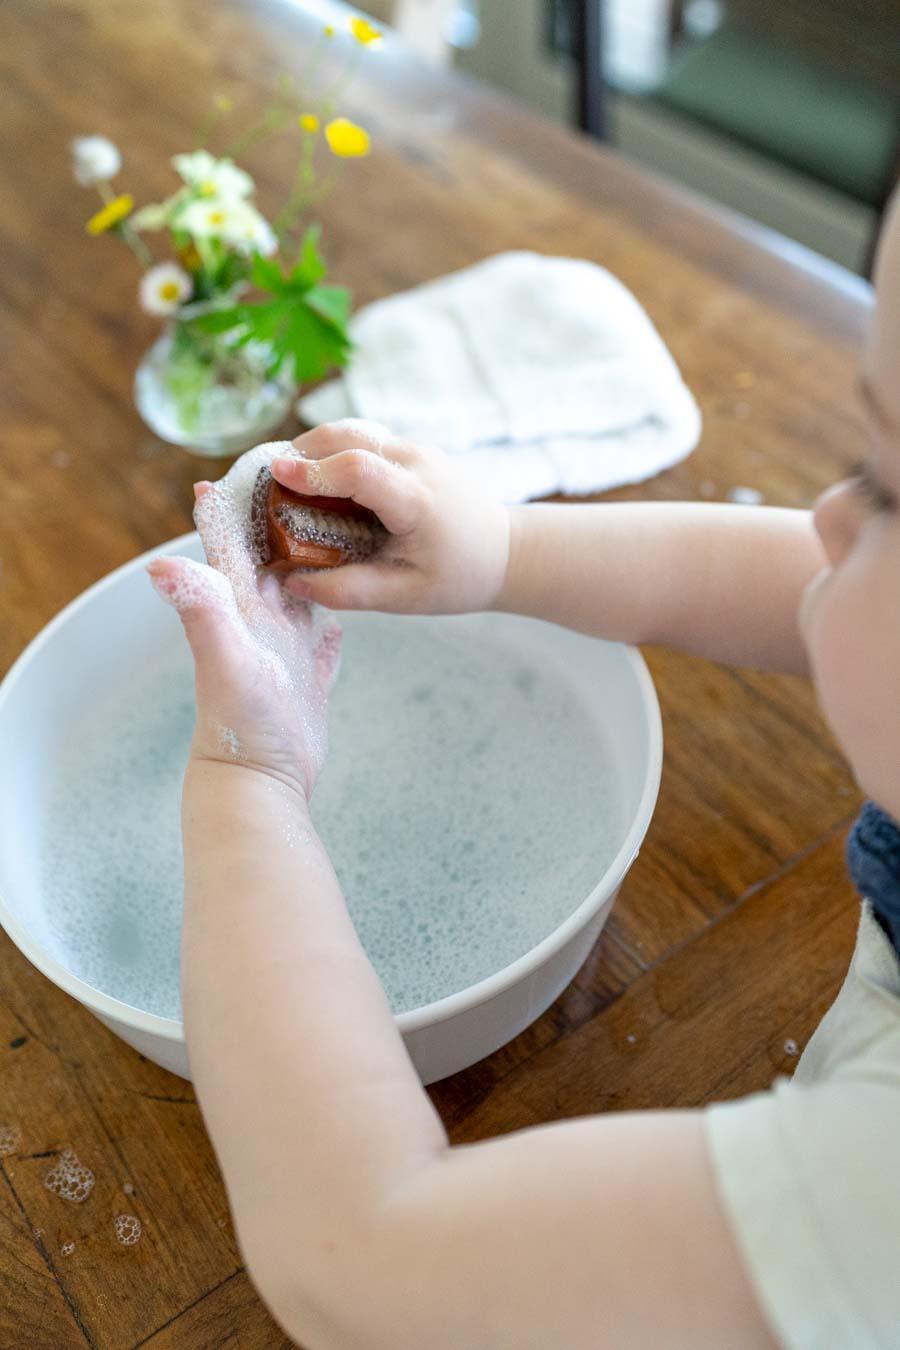 Spielidee Händewaschen Kinder: Mit der Handbürste gut putzen